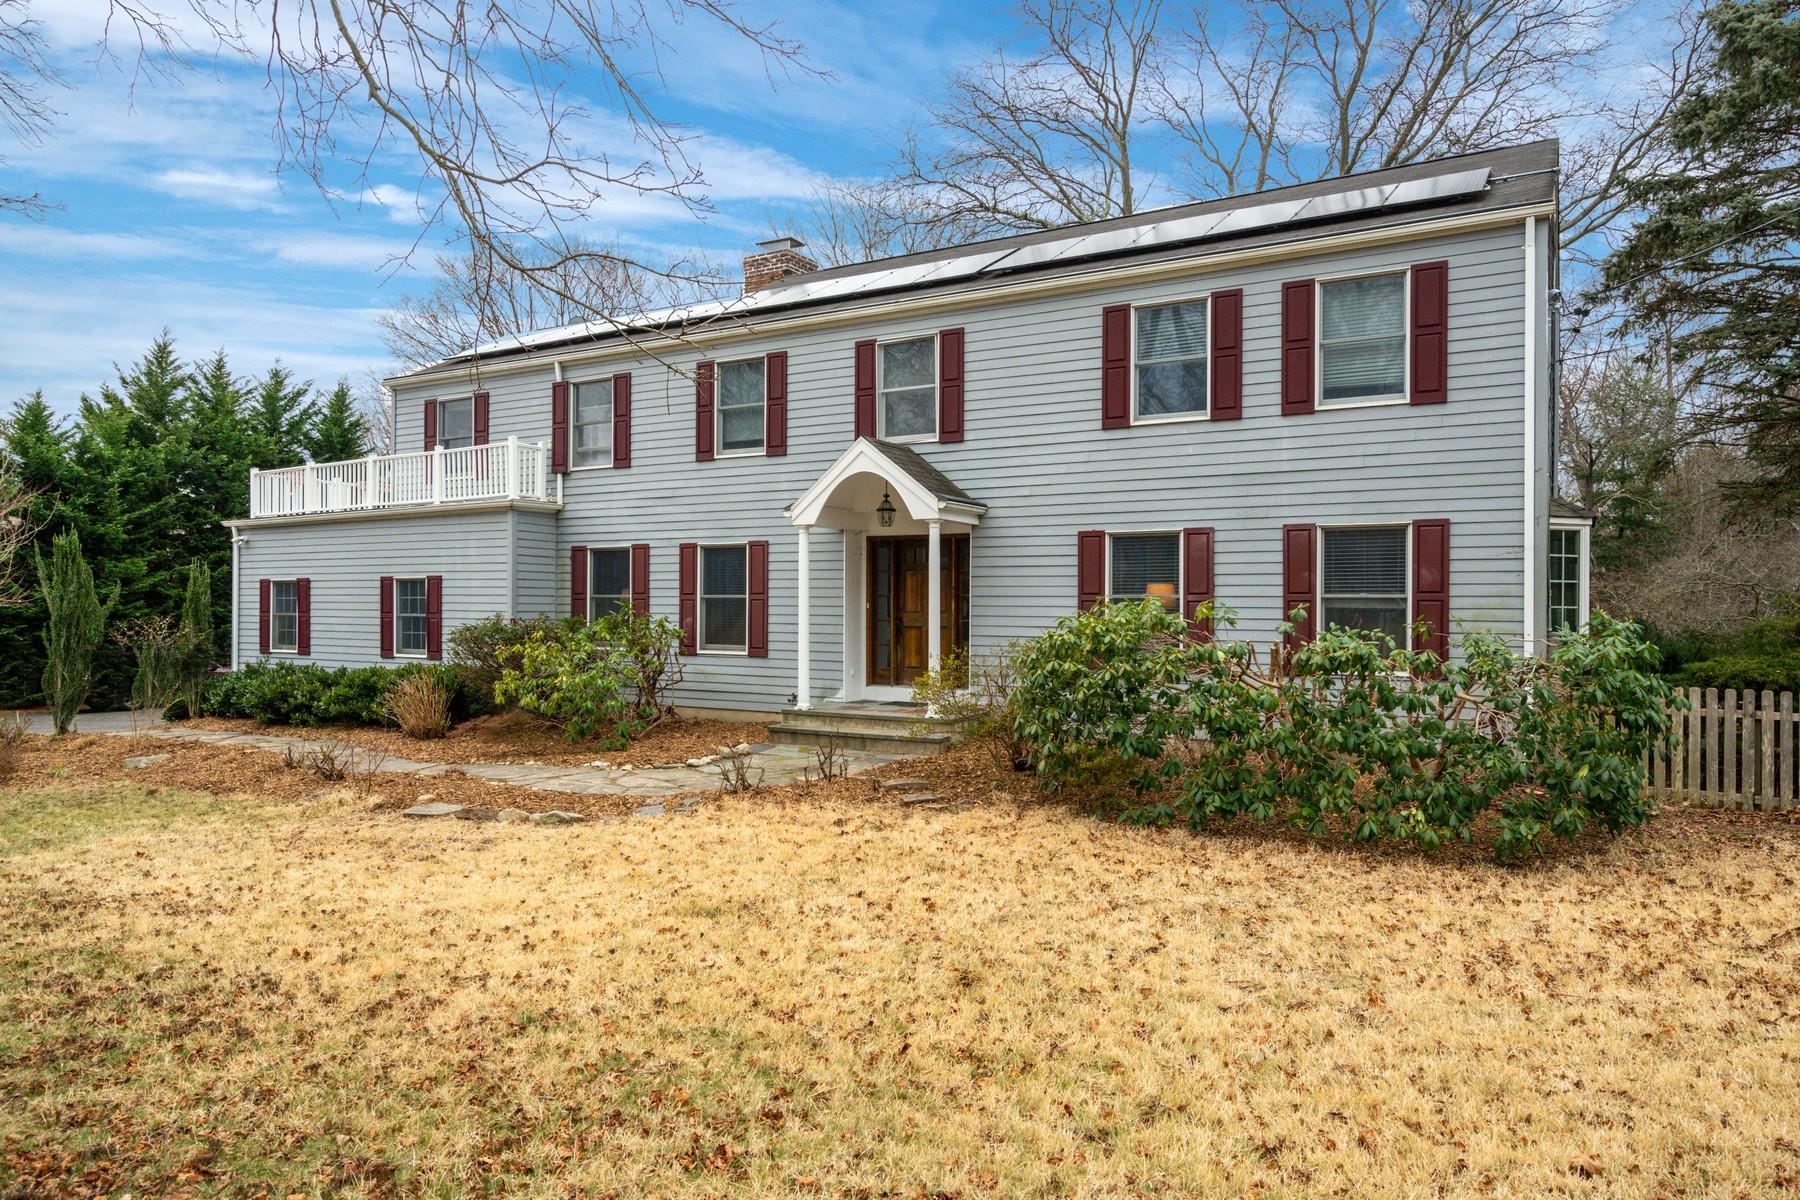 Single Family Homes for Active at Setauket 8 Maple Rd Setauket, New York 11733 United States